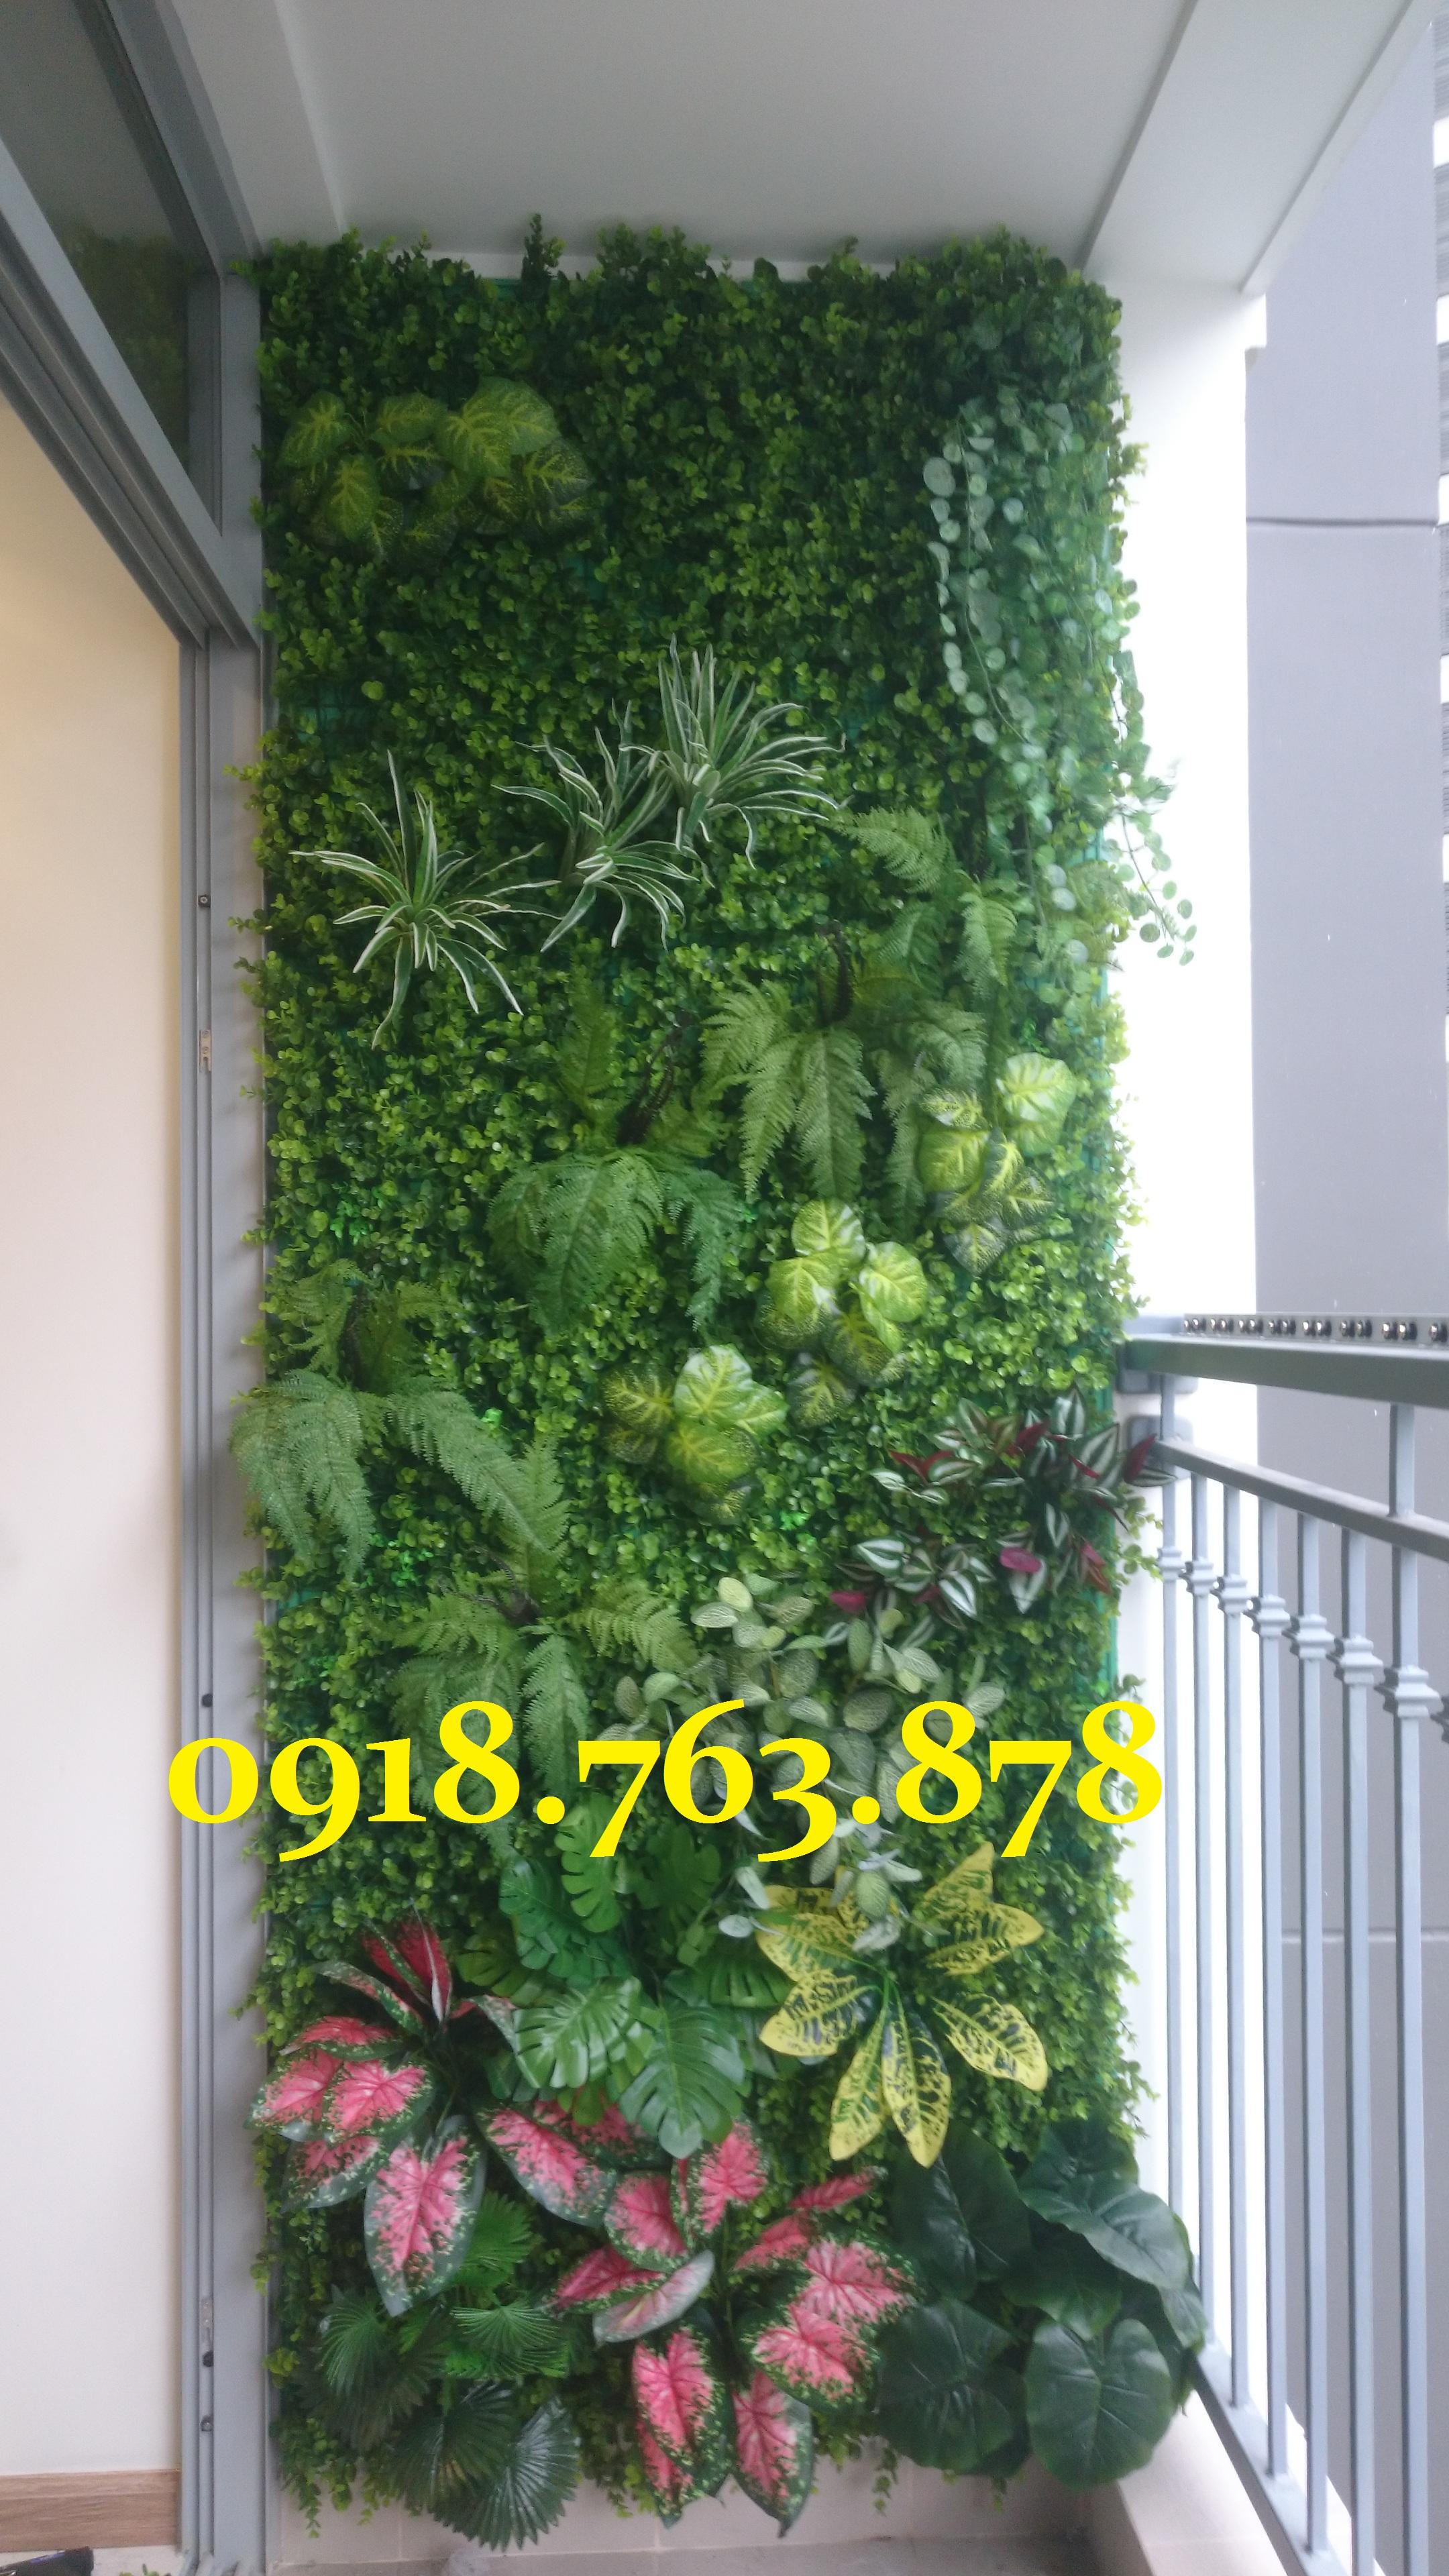 Chuyên thi công tường cây giả, tường cỏ giả, trang trí ban công